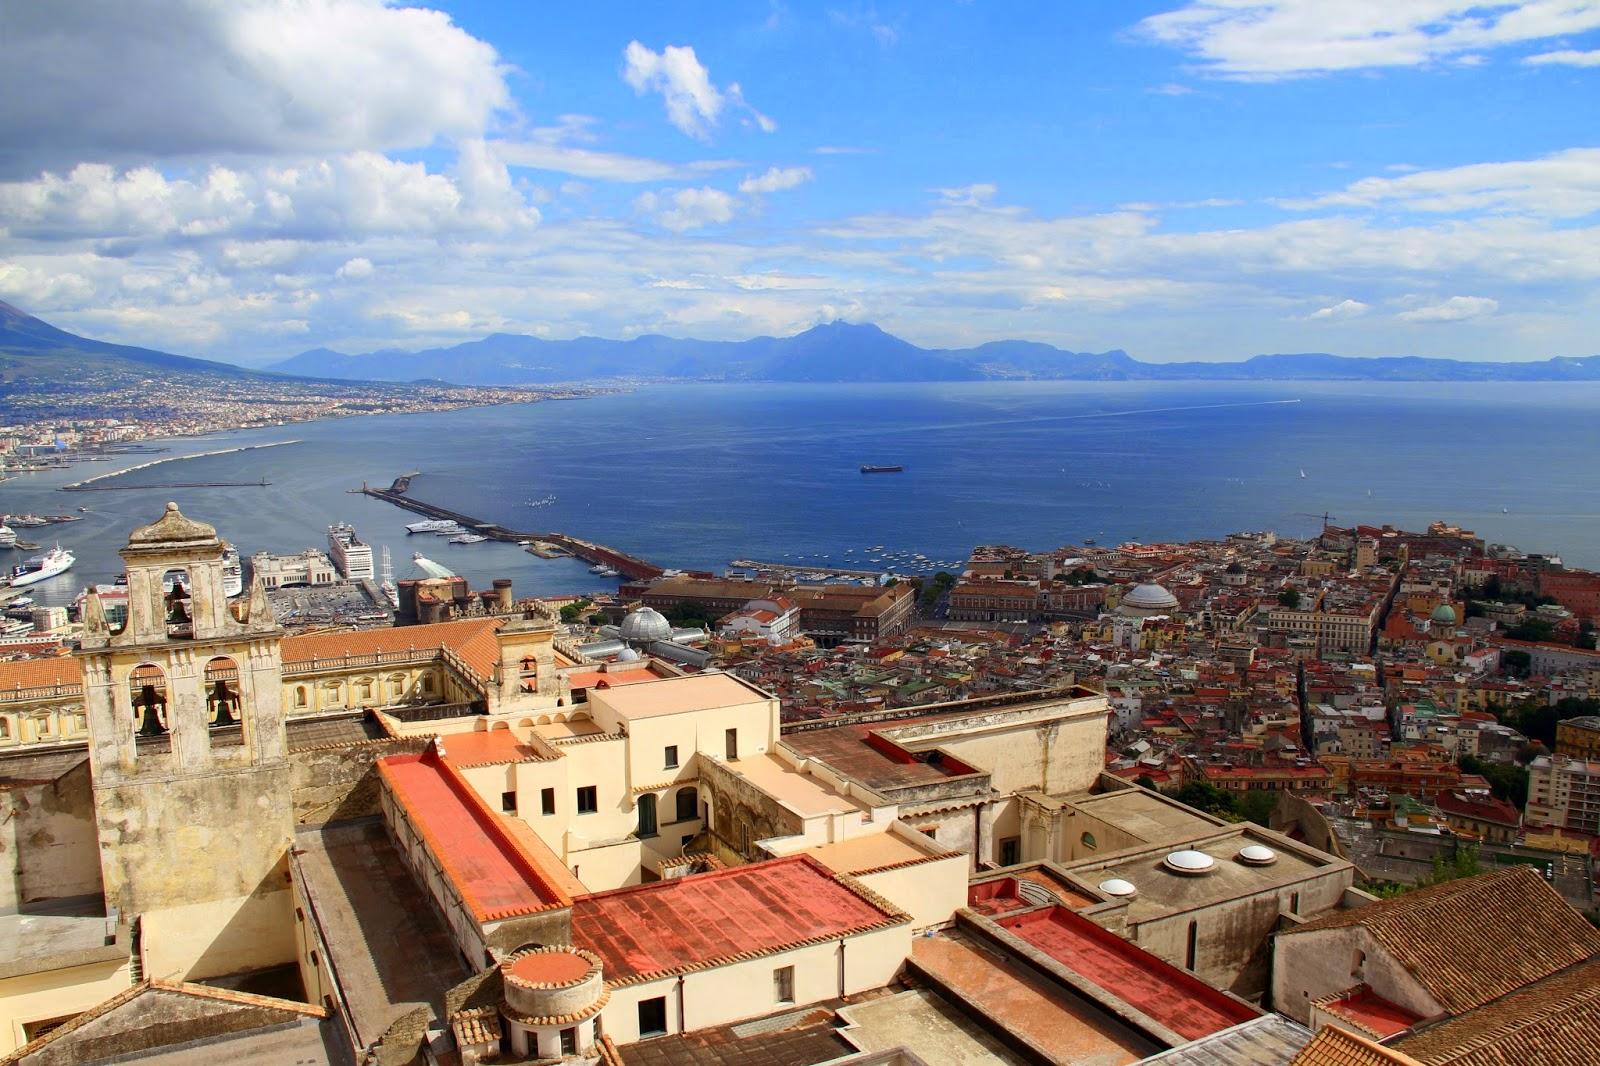 naples italy, southern italy Amalfi coast